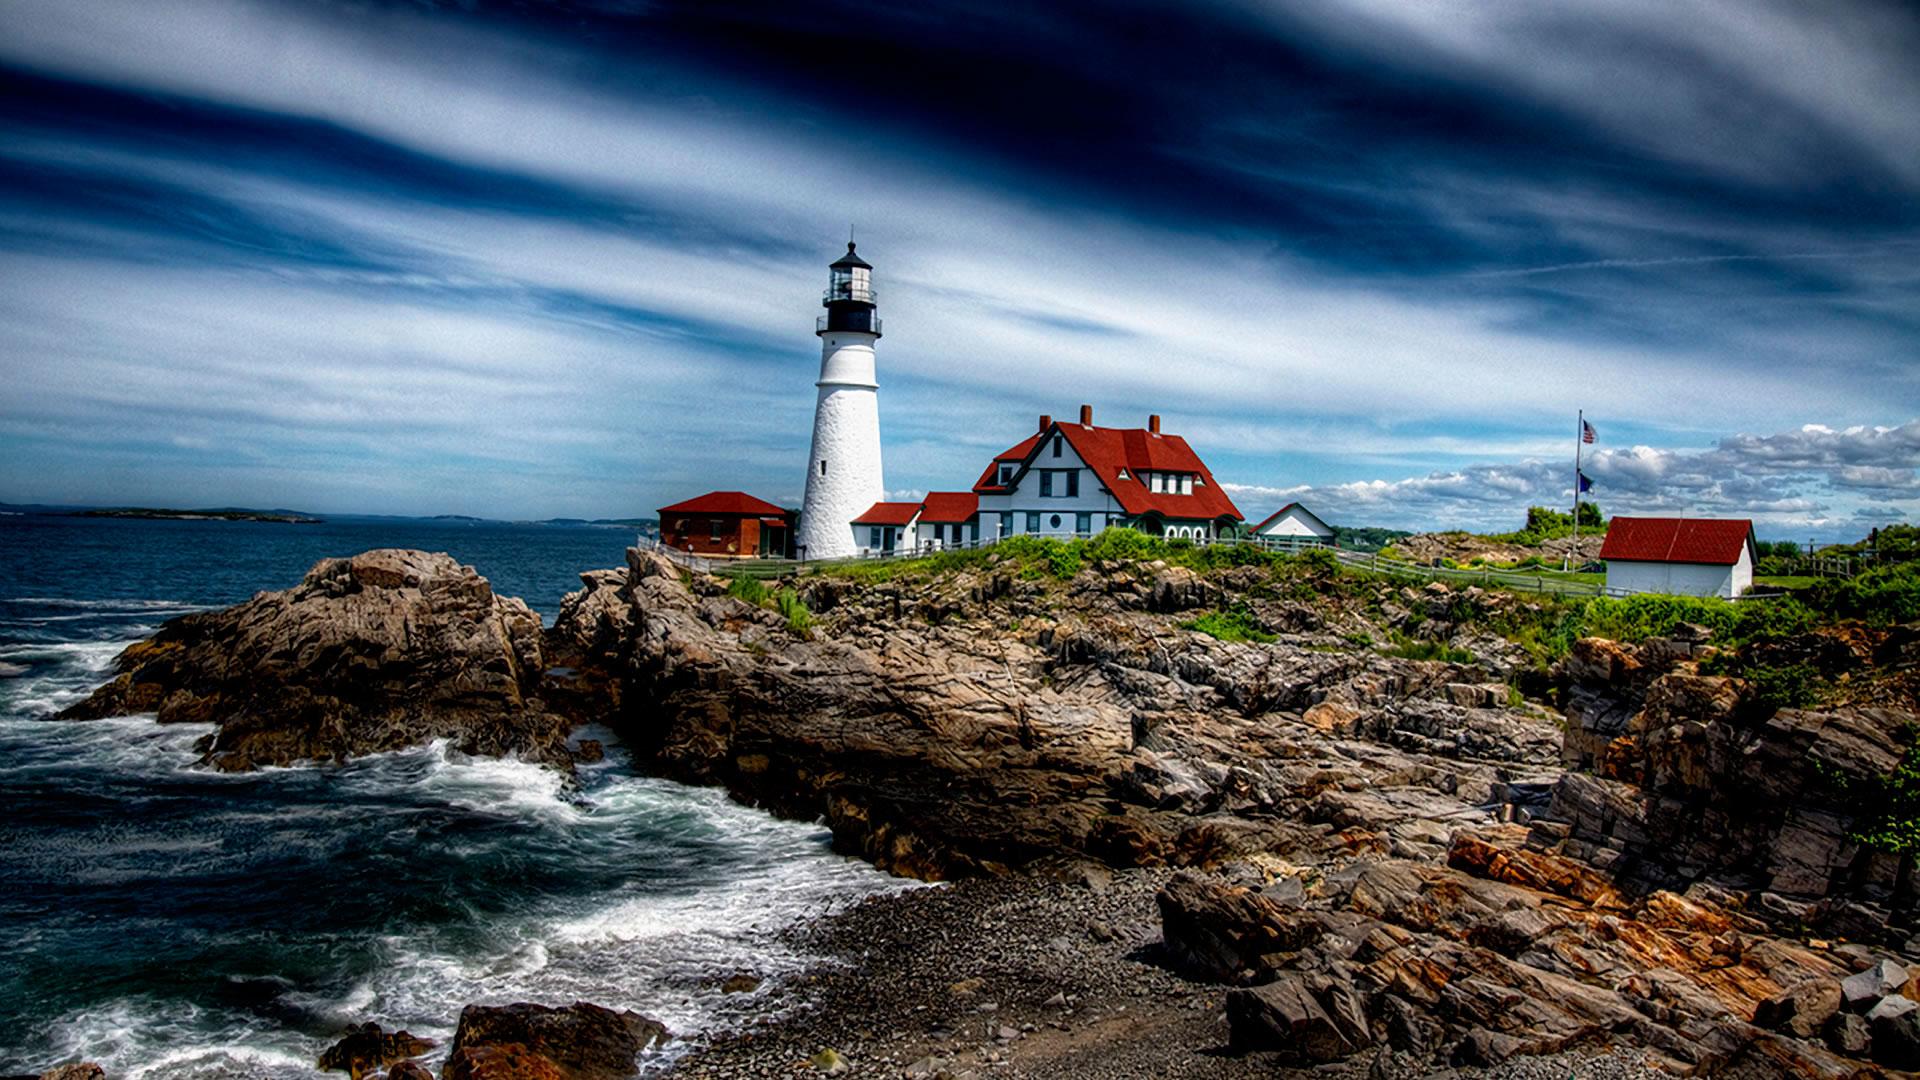 маяк небо море дом  № 3968814 бесплатно